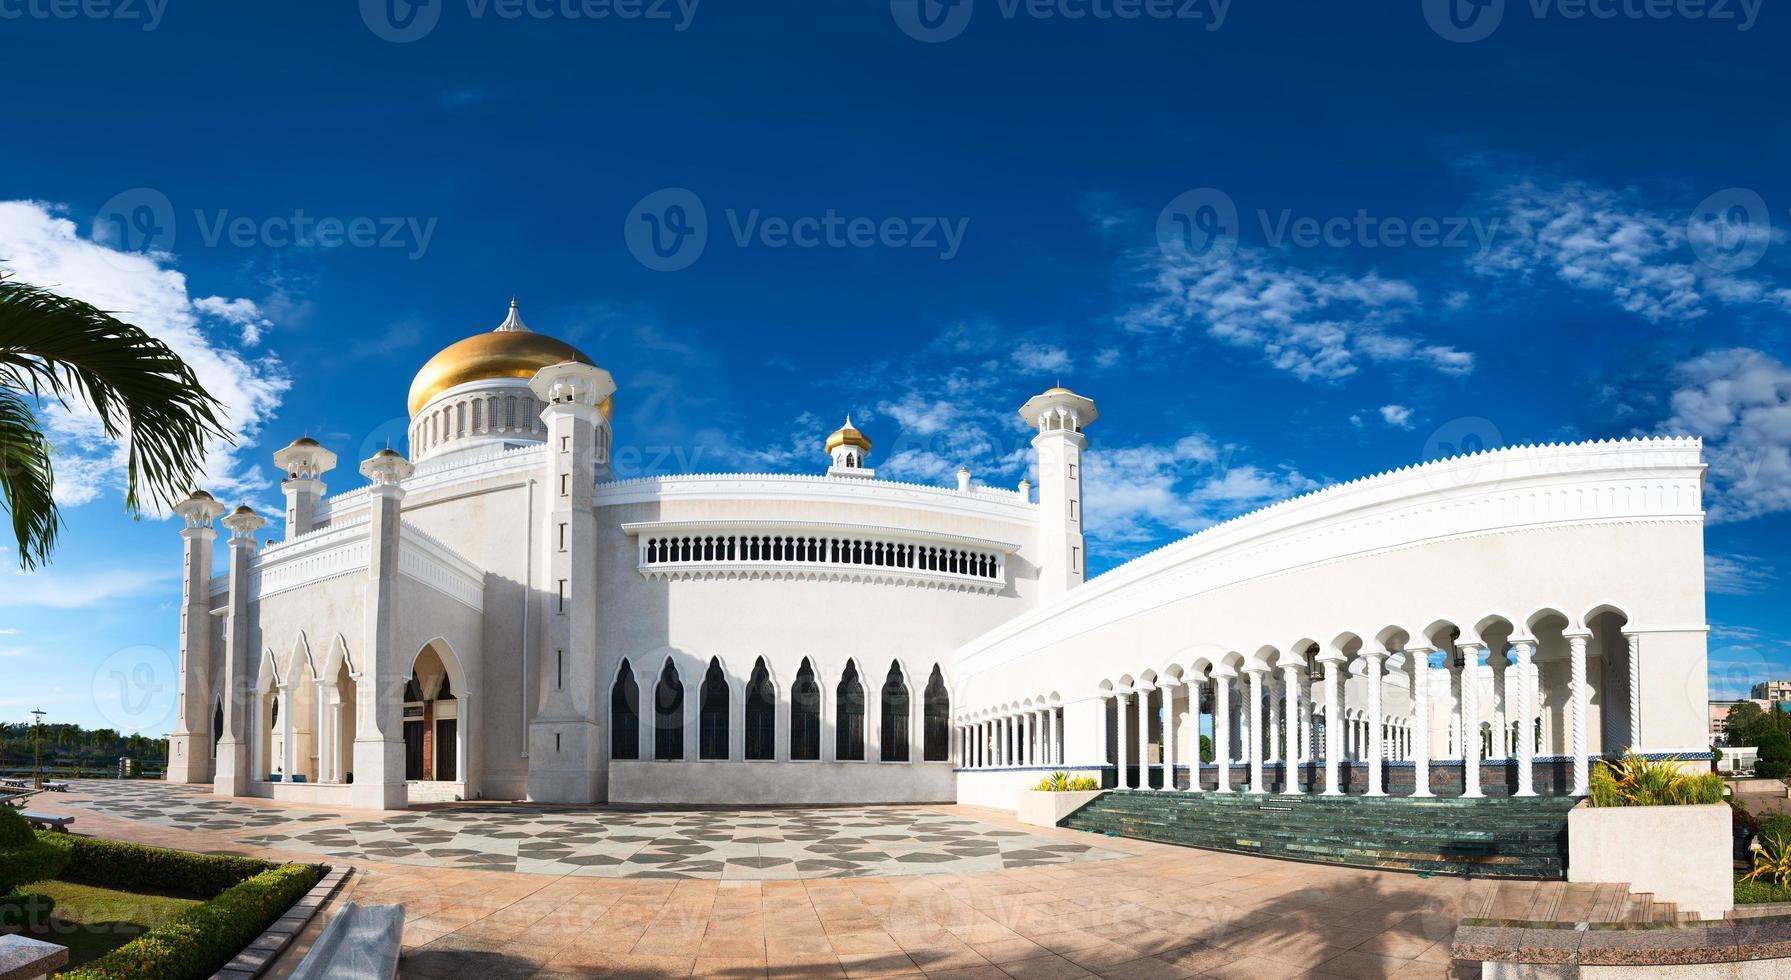 Sultan Omar Ali Saifuddin Mosque in Brunei photo